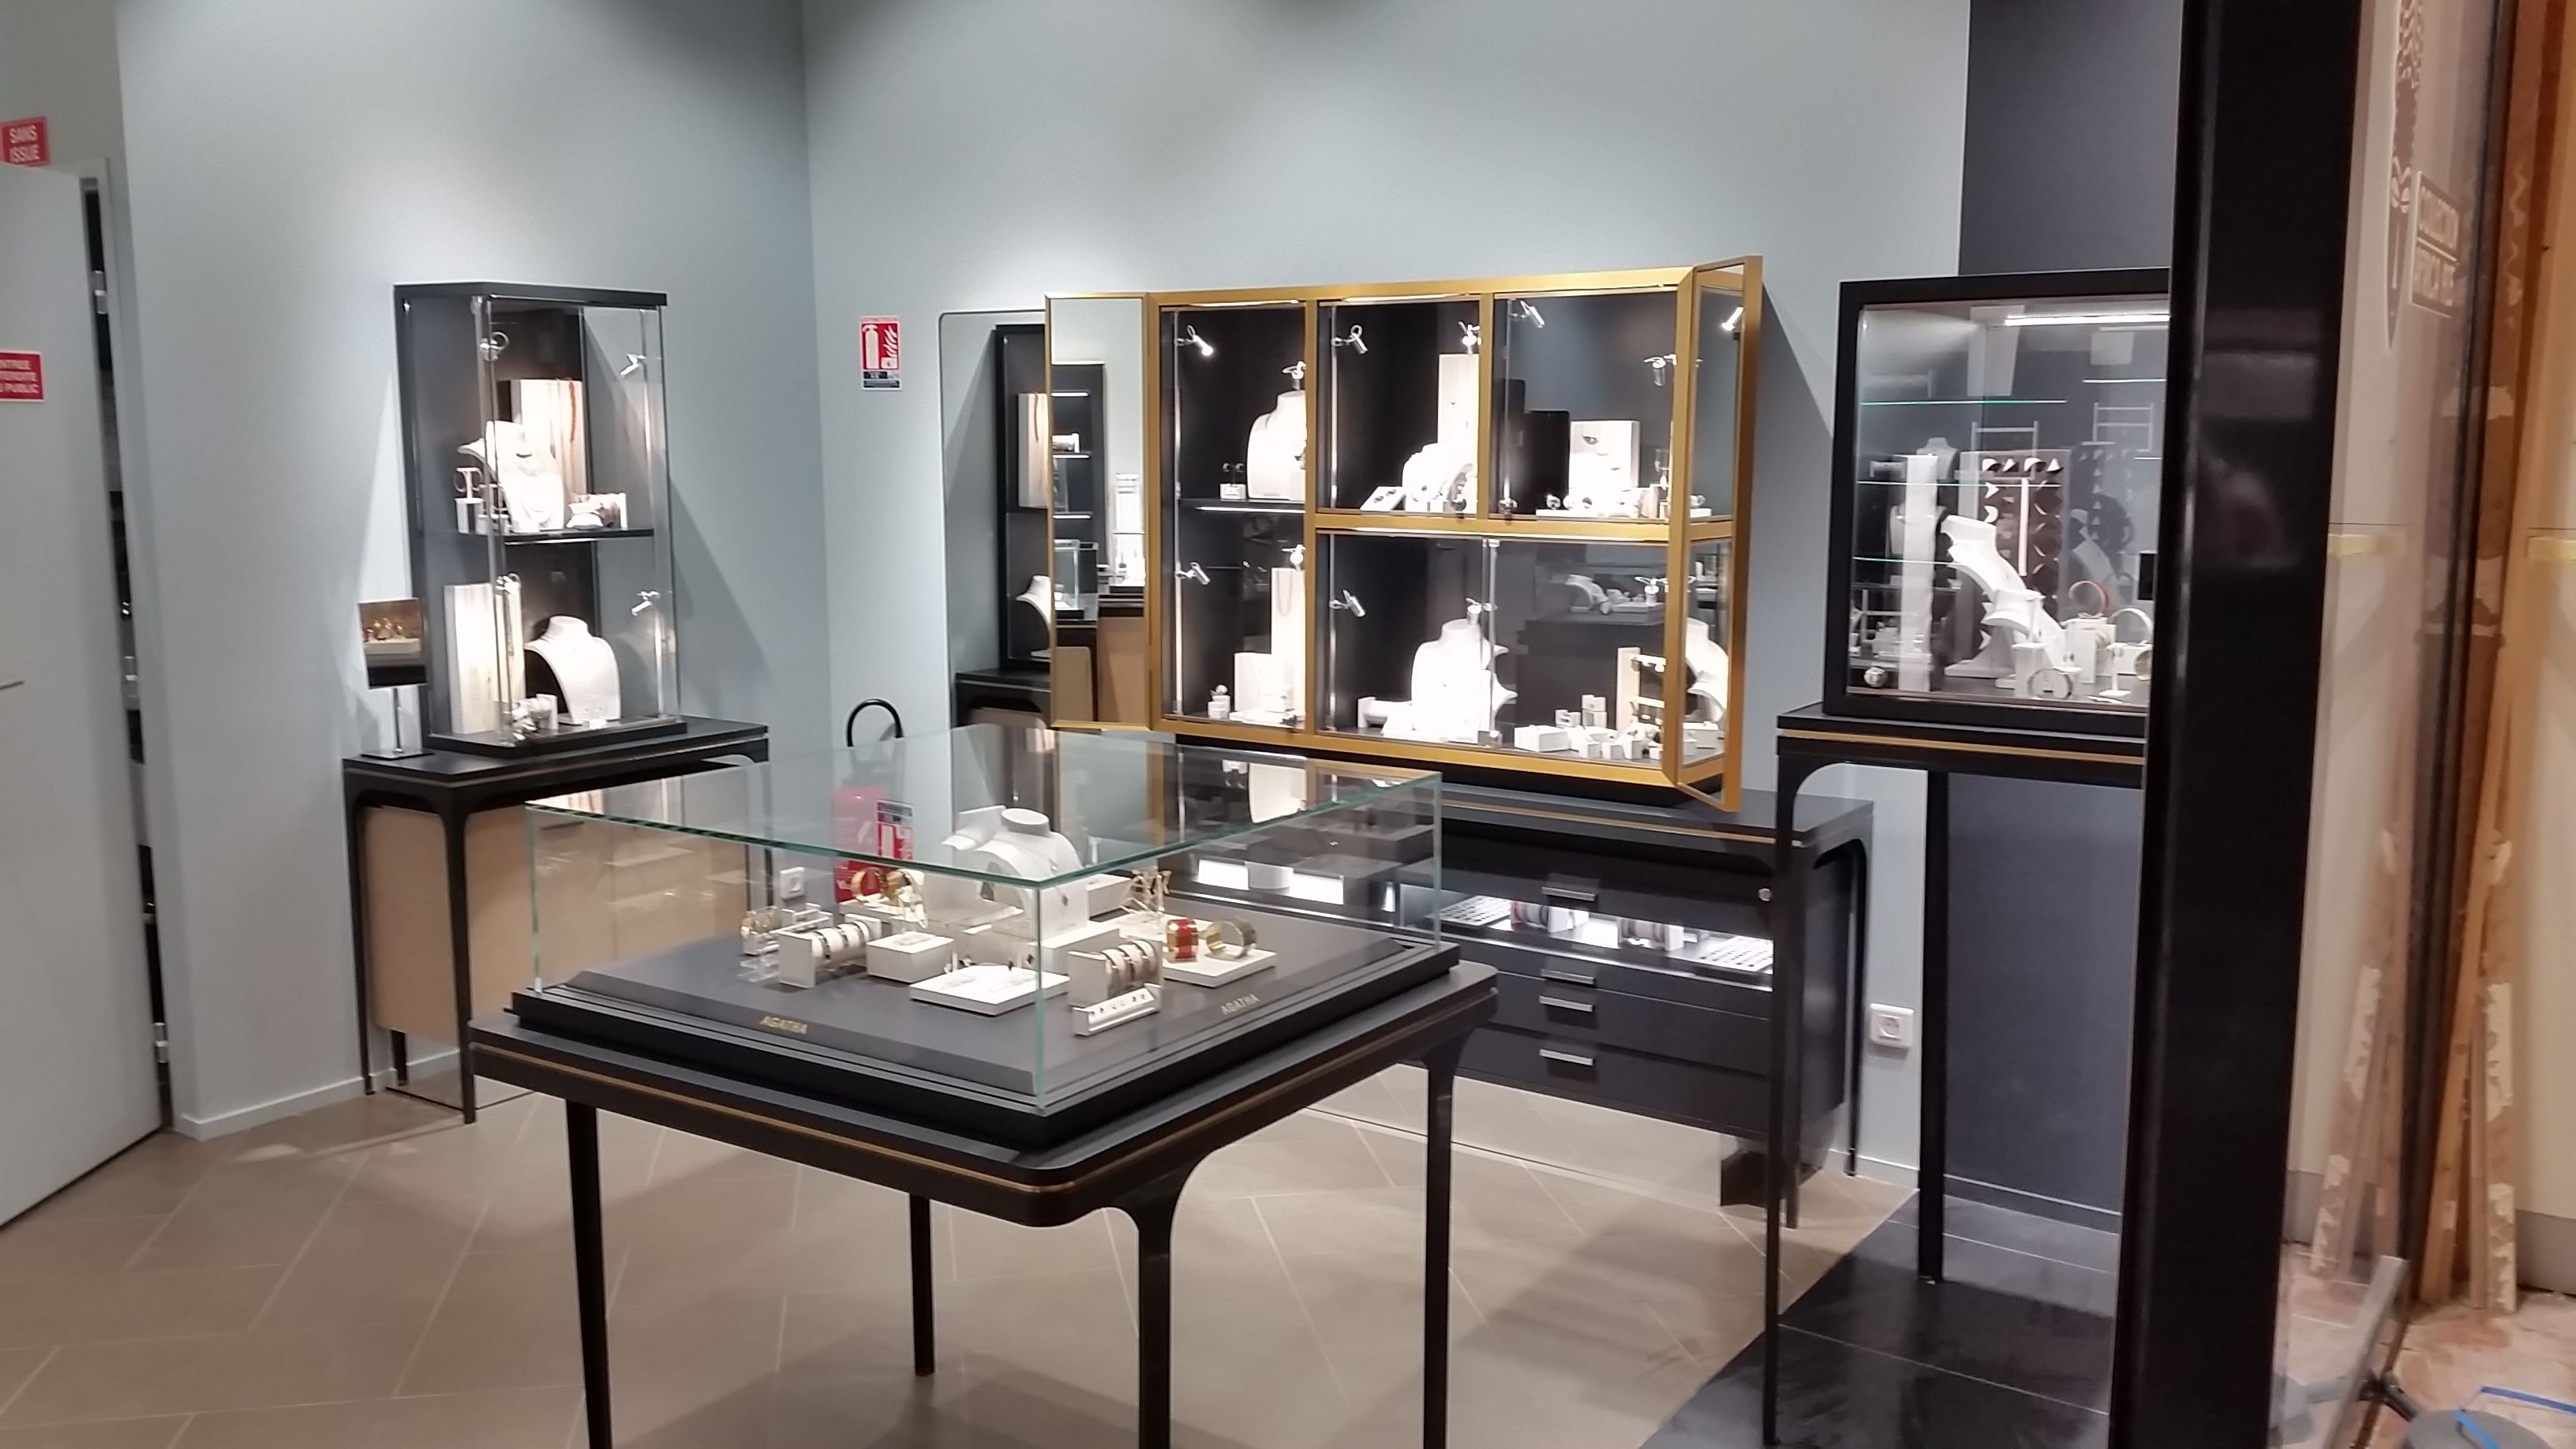 Nouveau Concept Boutique Lyon Part Dieu Agatha Agathaparis New Shop Shopping Inspiration Accessories Necklace Boutique Lyon Lyon Part Dieu La Part Dieu